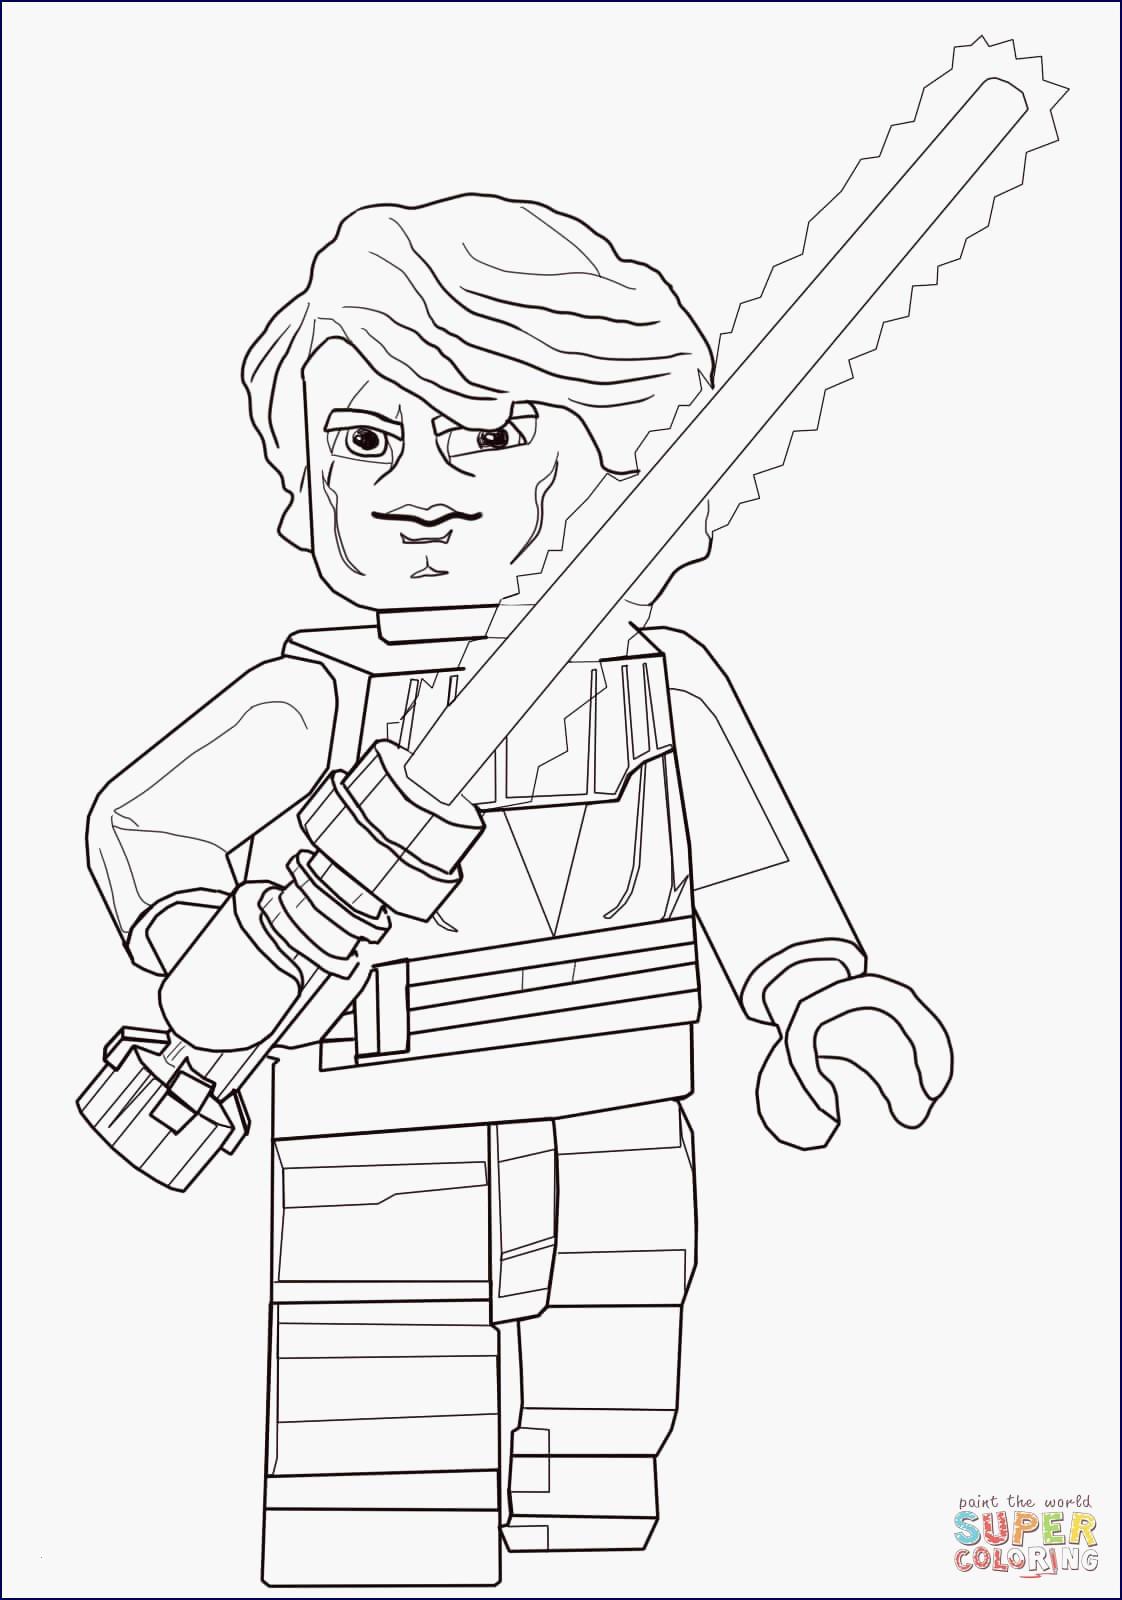 Ausmalbilder Star Wars Lego Inspirierend Ausmalbilder Star Wars Anakin Skywalker Best Luke Skywalker Schön Das Bild